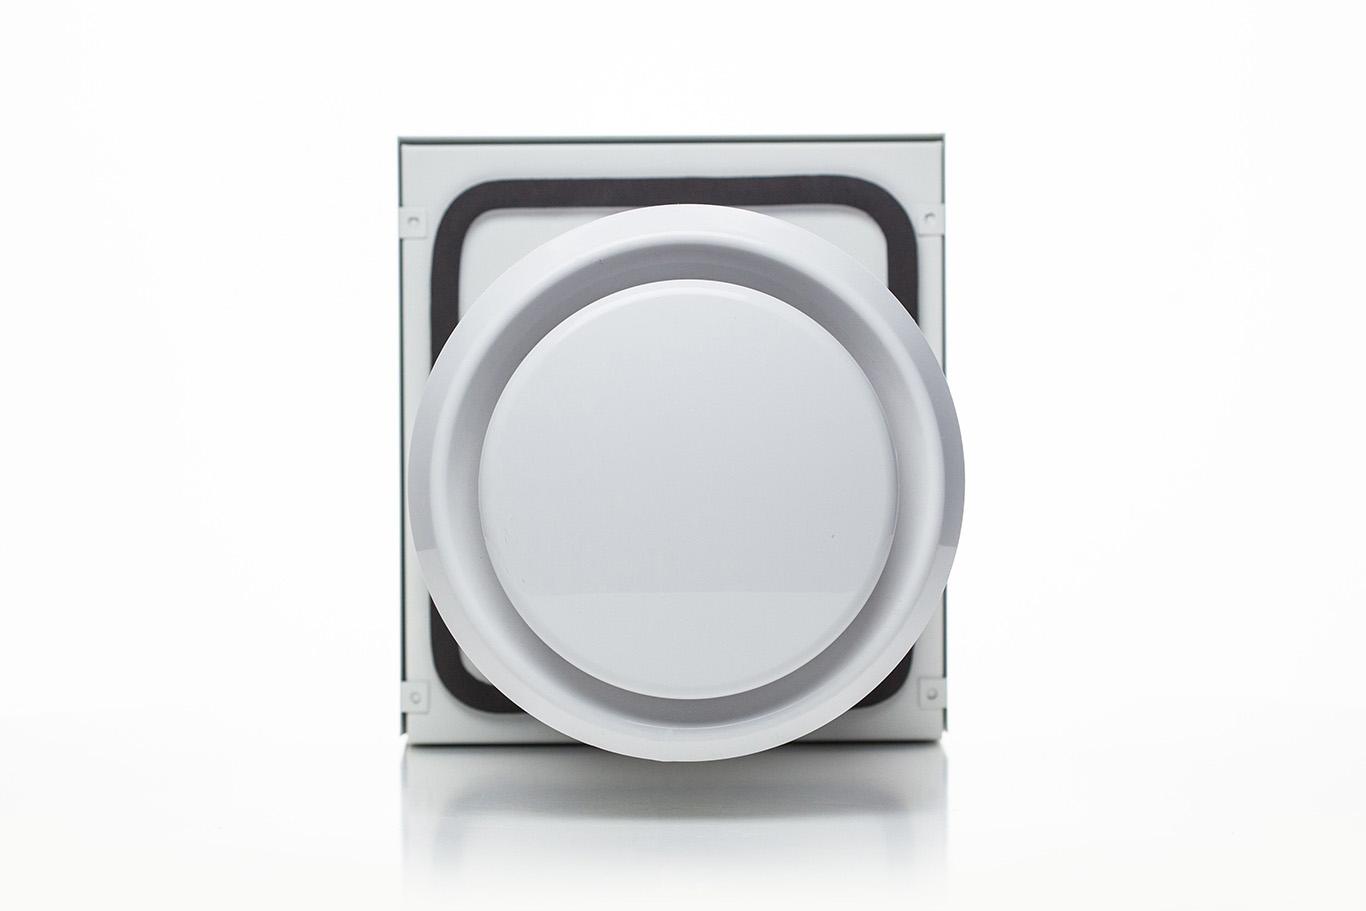 рекуператор Ventoxx Comfort (вид спереди)